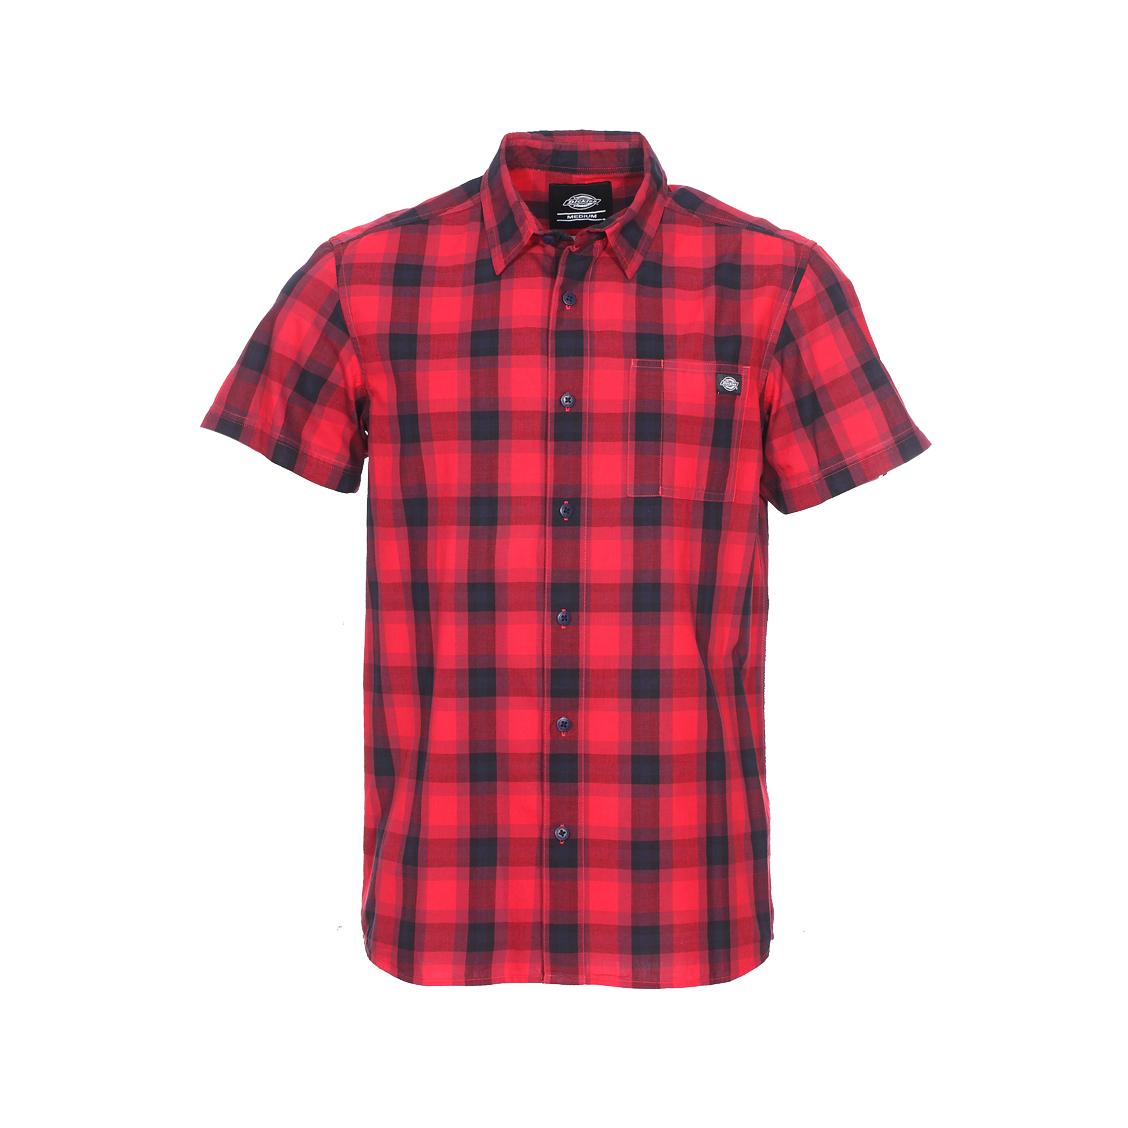 Chemise manches courtes  bryson en coton à carreaux rouges et bleu marine